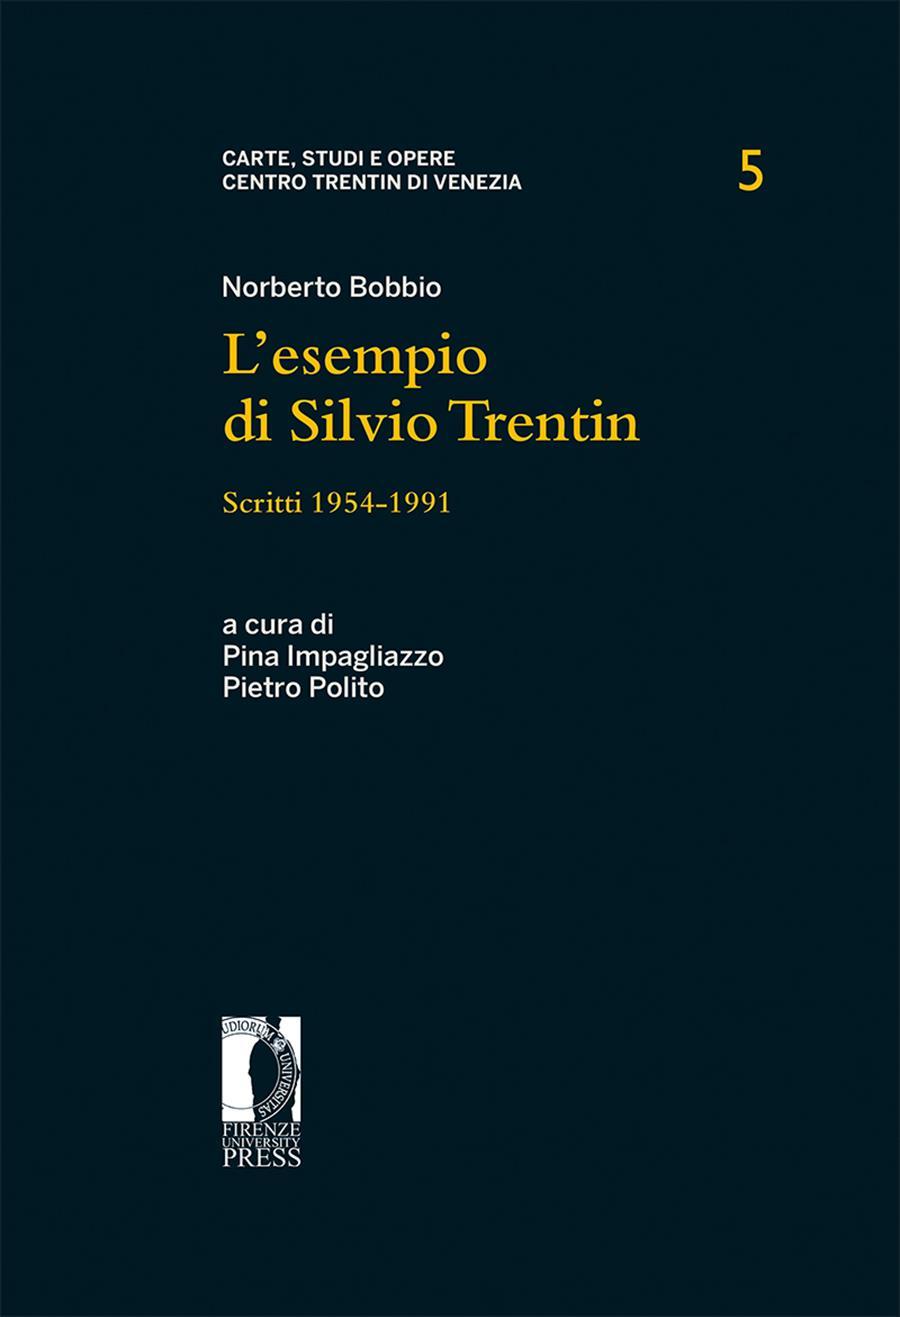 L'esempio di Silvio Trentin